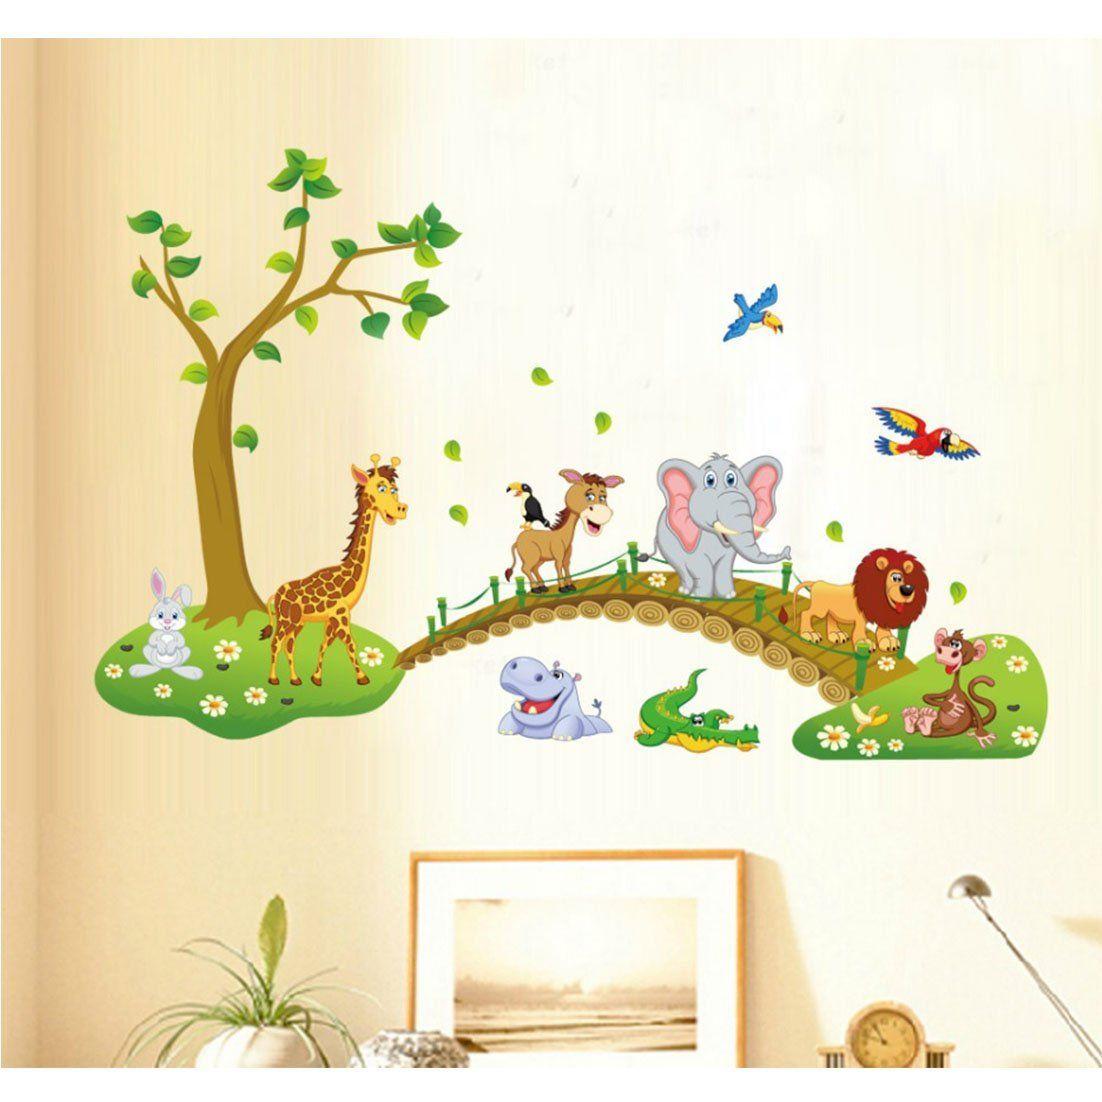 Dschungelzimmer | Jungle Room | Baby Zimmer Wand Aufkleber | Wild ...